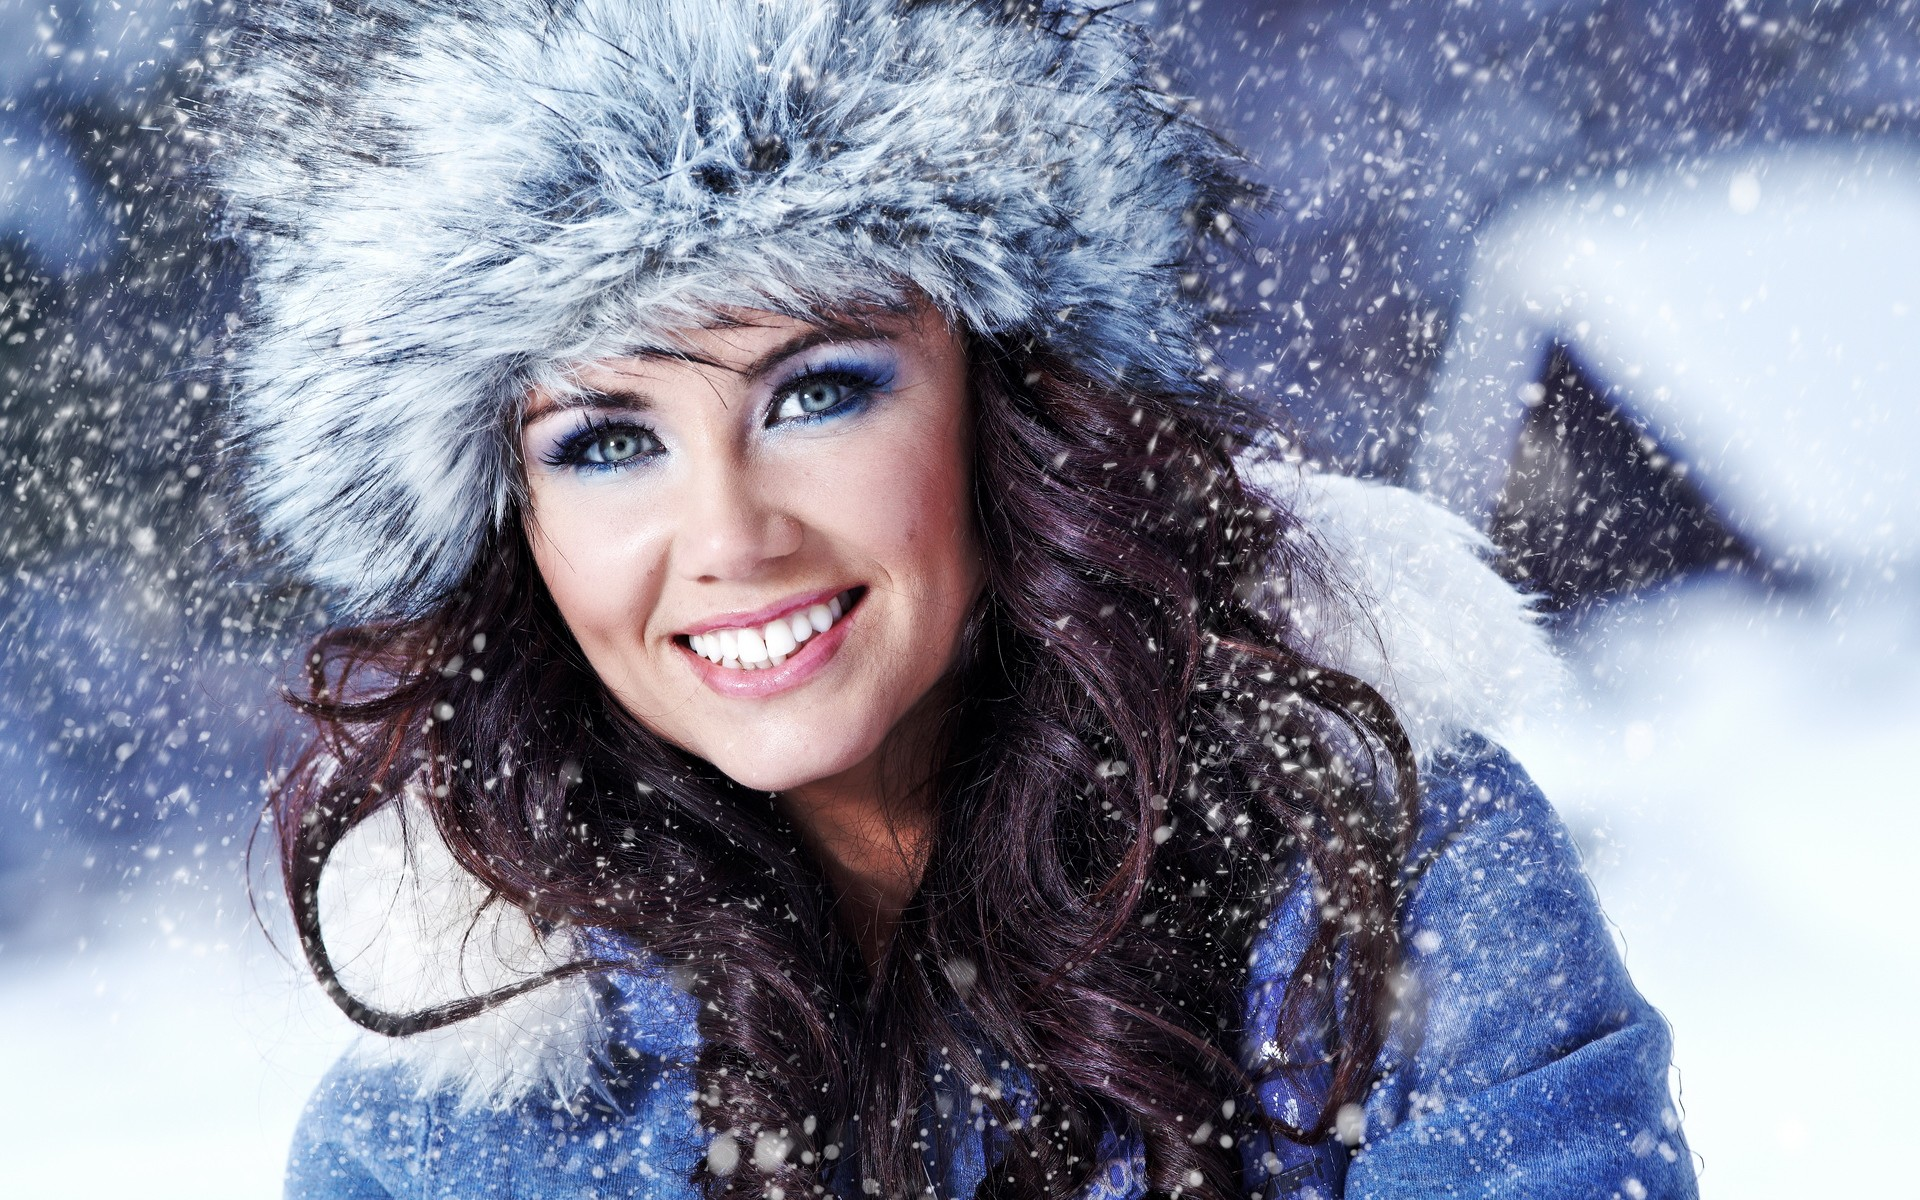 обветренные губы,волосы,жирные волосы,зимний уход